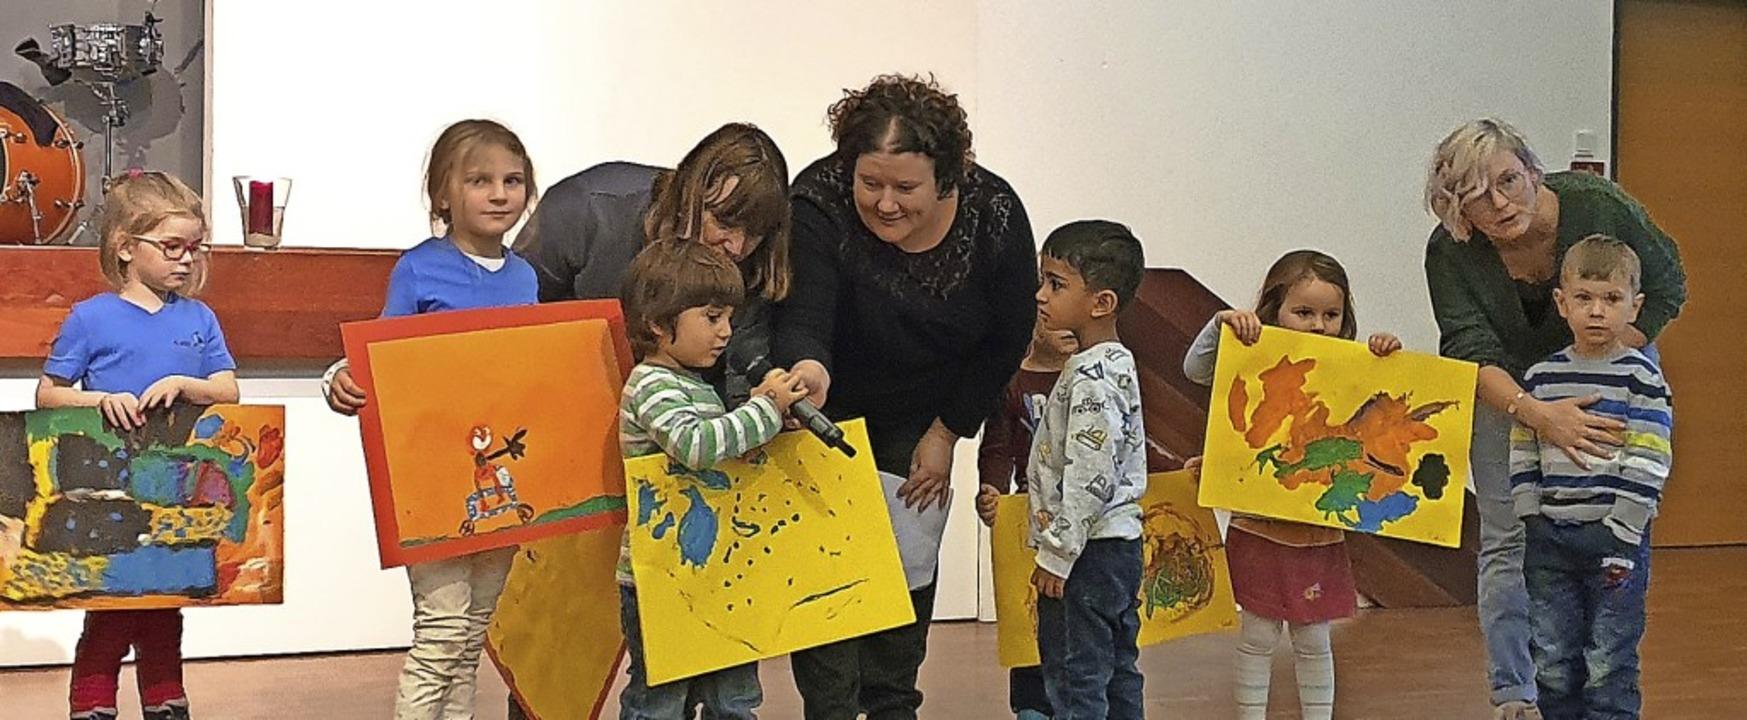 Gemalte Wunschzettel hatten die Kinder...nder mit zur Eröffnungsfeier gebracht.    Foto: Julius Wilhelm Steckmeister